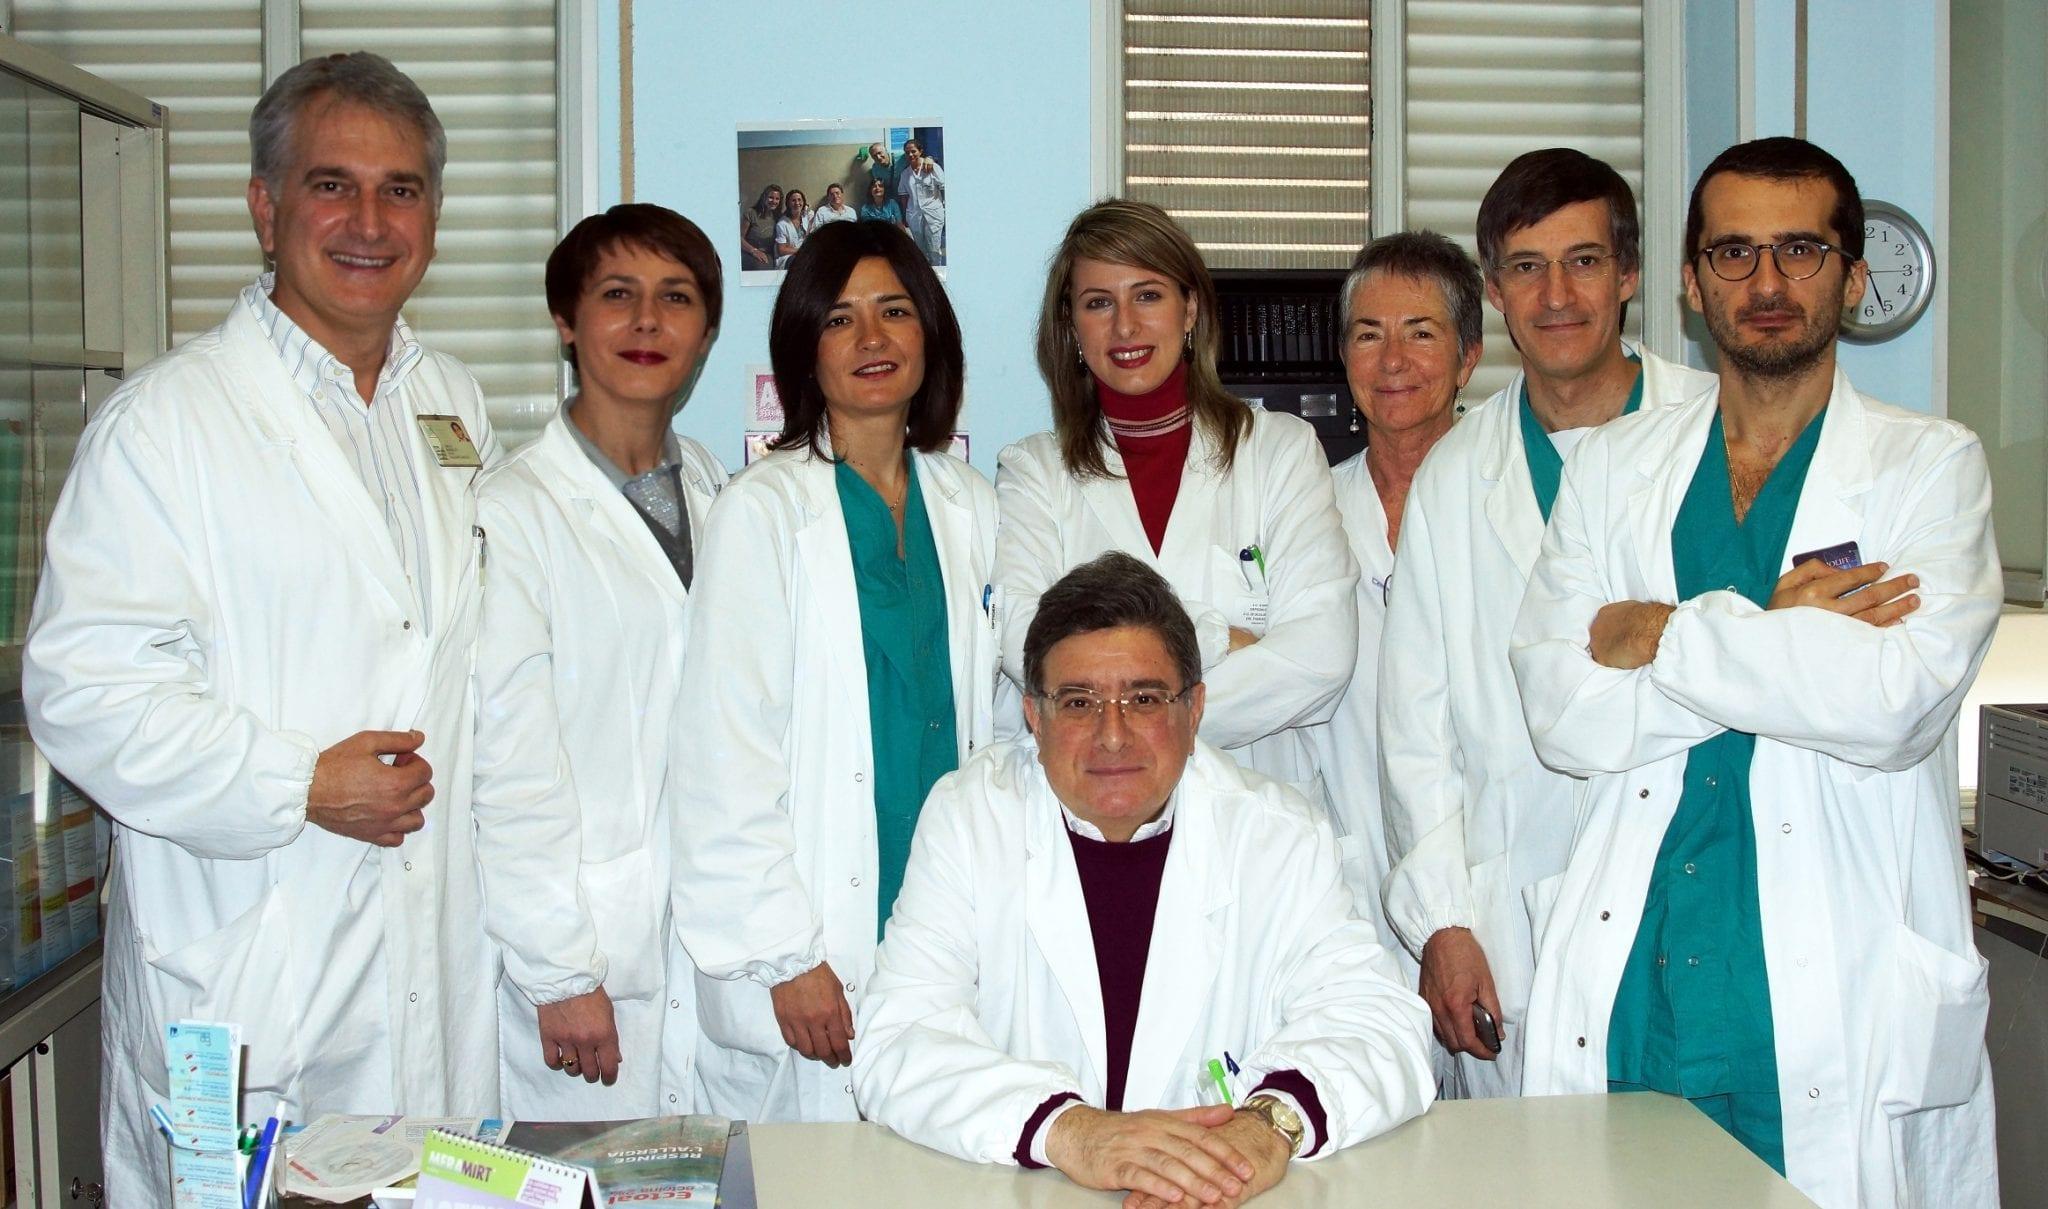 1d75de209c Terni, in ospedale 'oculistica' migliorata | umbriaON